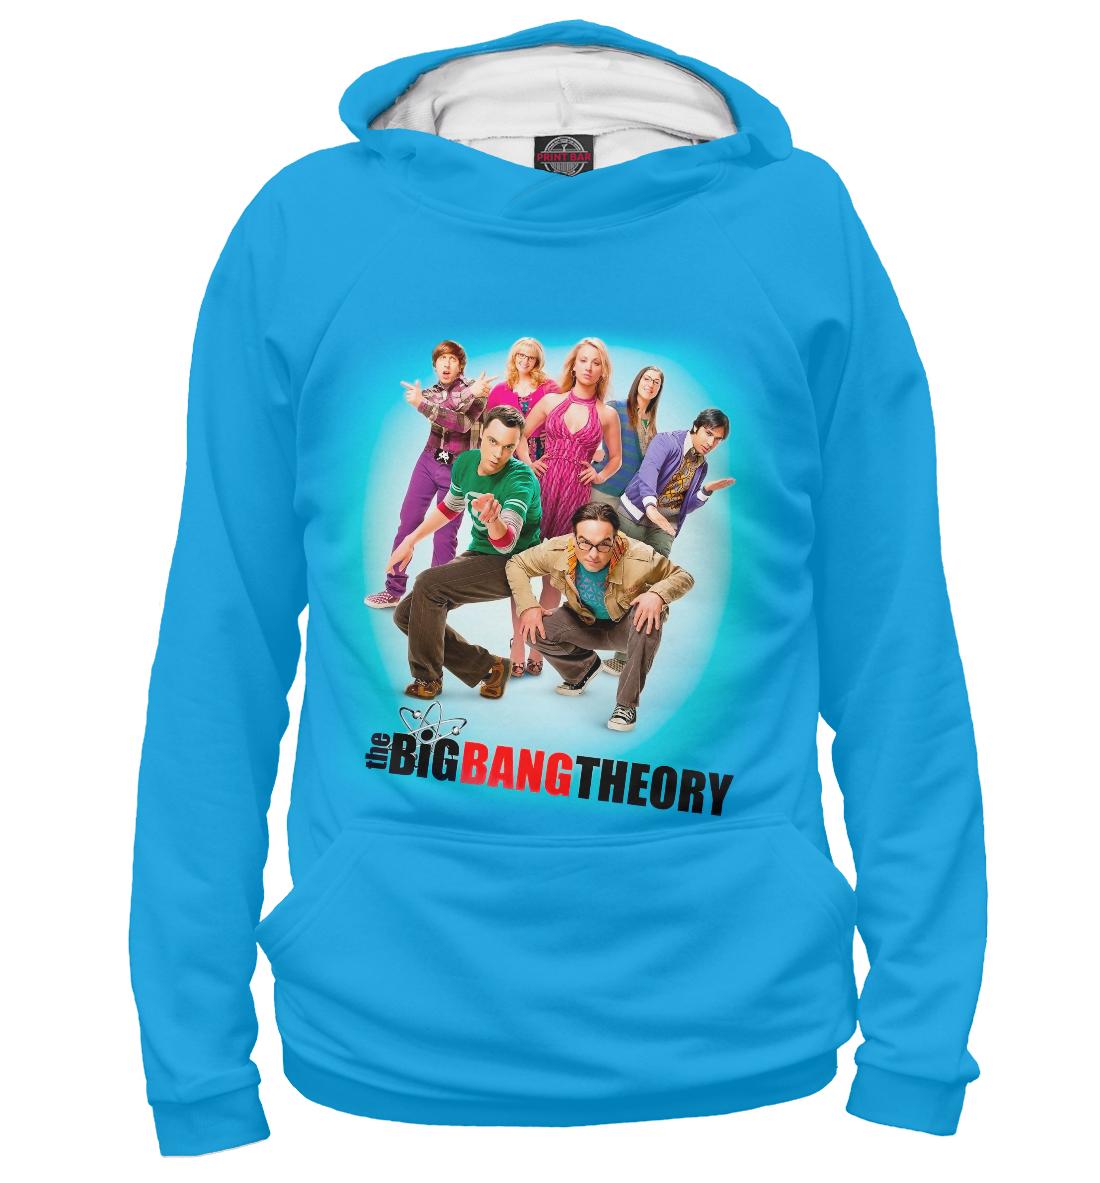 Купить Теория большого взрыва, Printbar, Худи, TEO-639622-hud-1